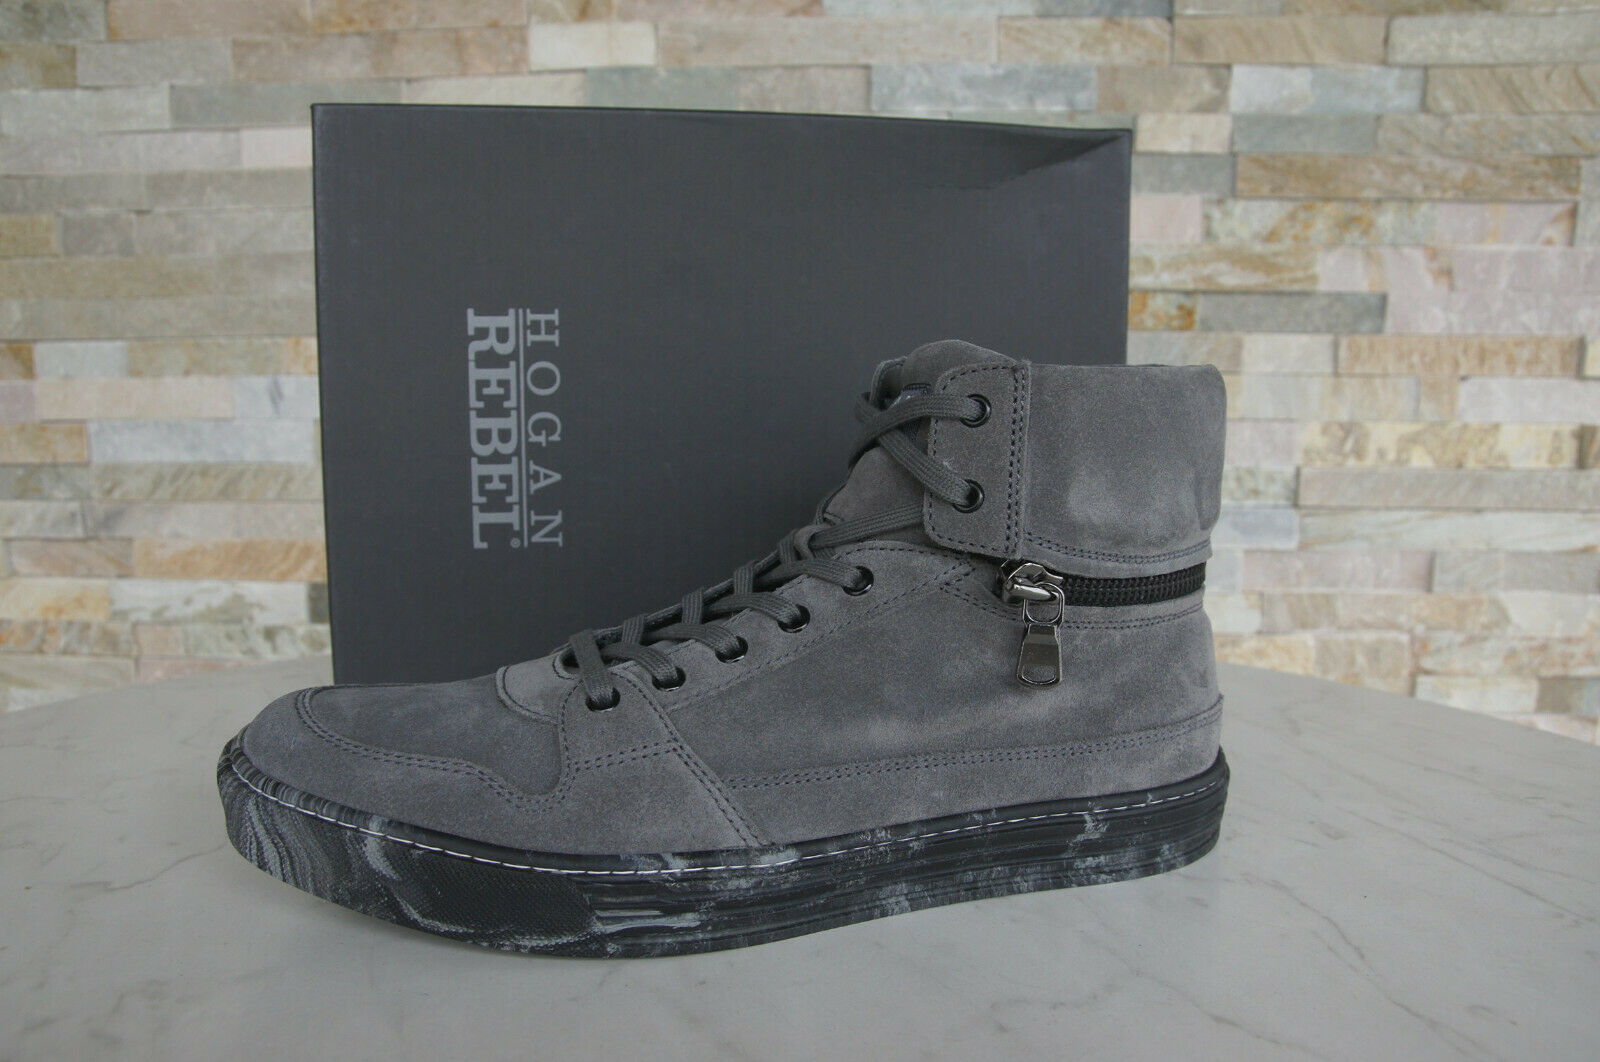 Hogan Rebel 44 10 zapatillas schnürzapatos vintage nuevo zapatos plomo ex. PVP